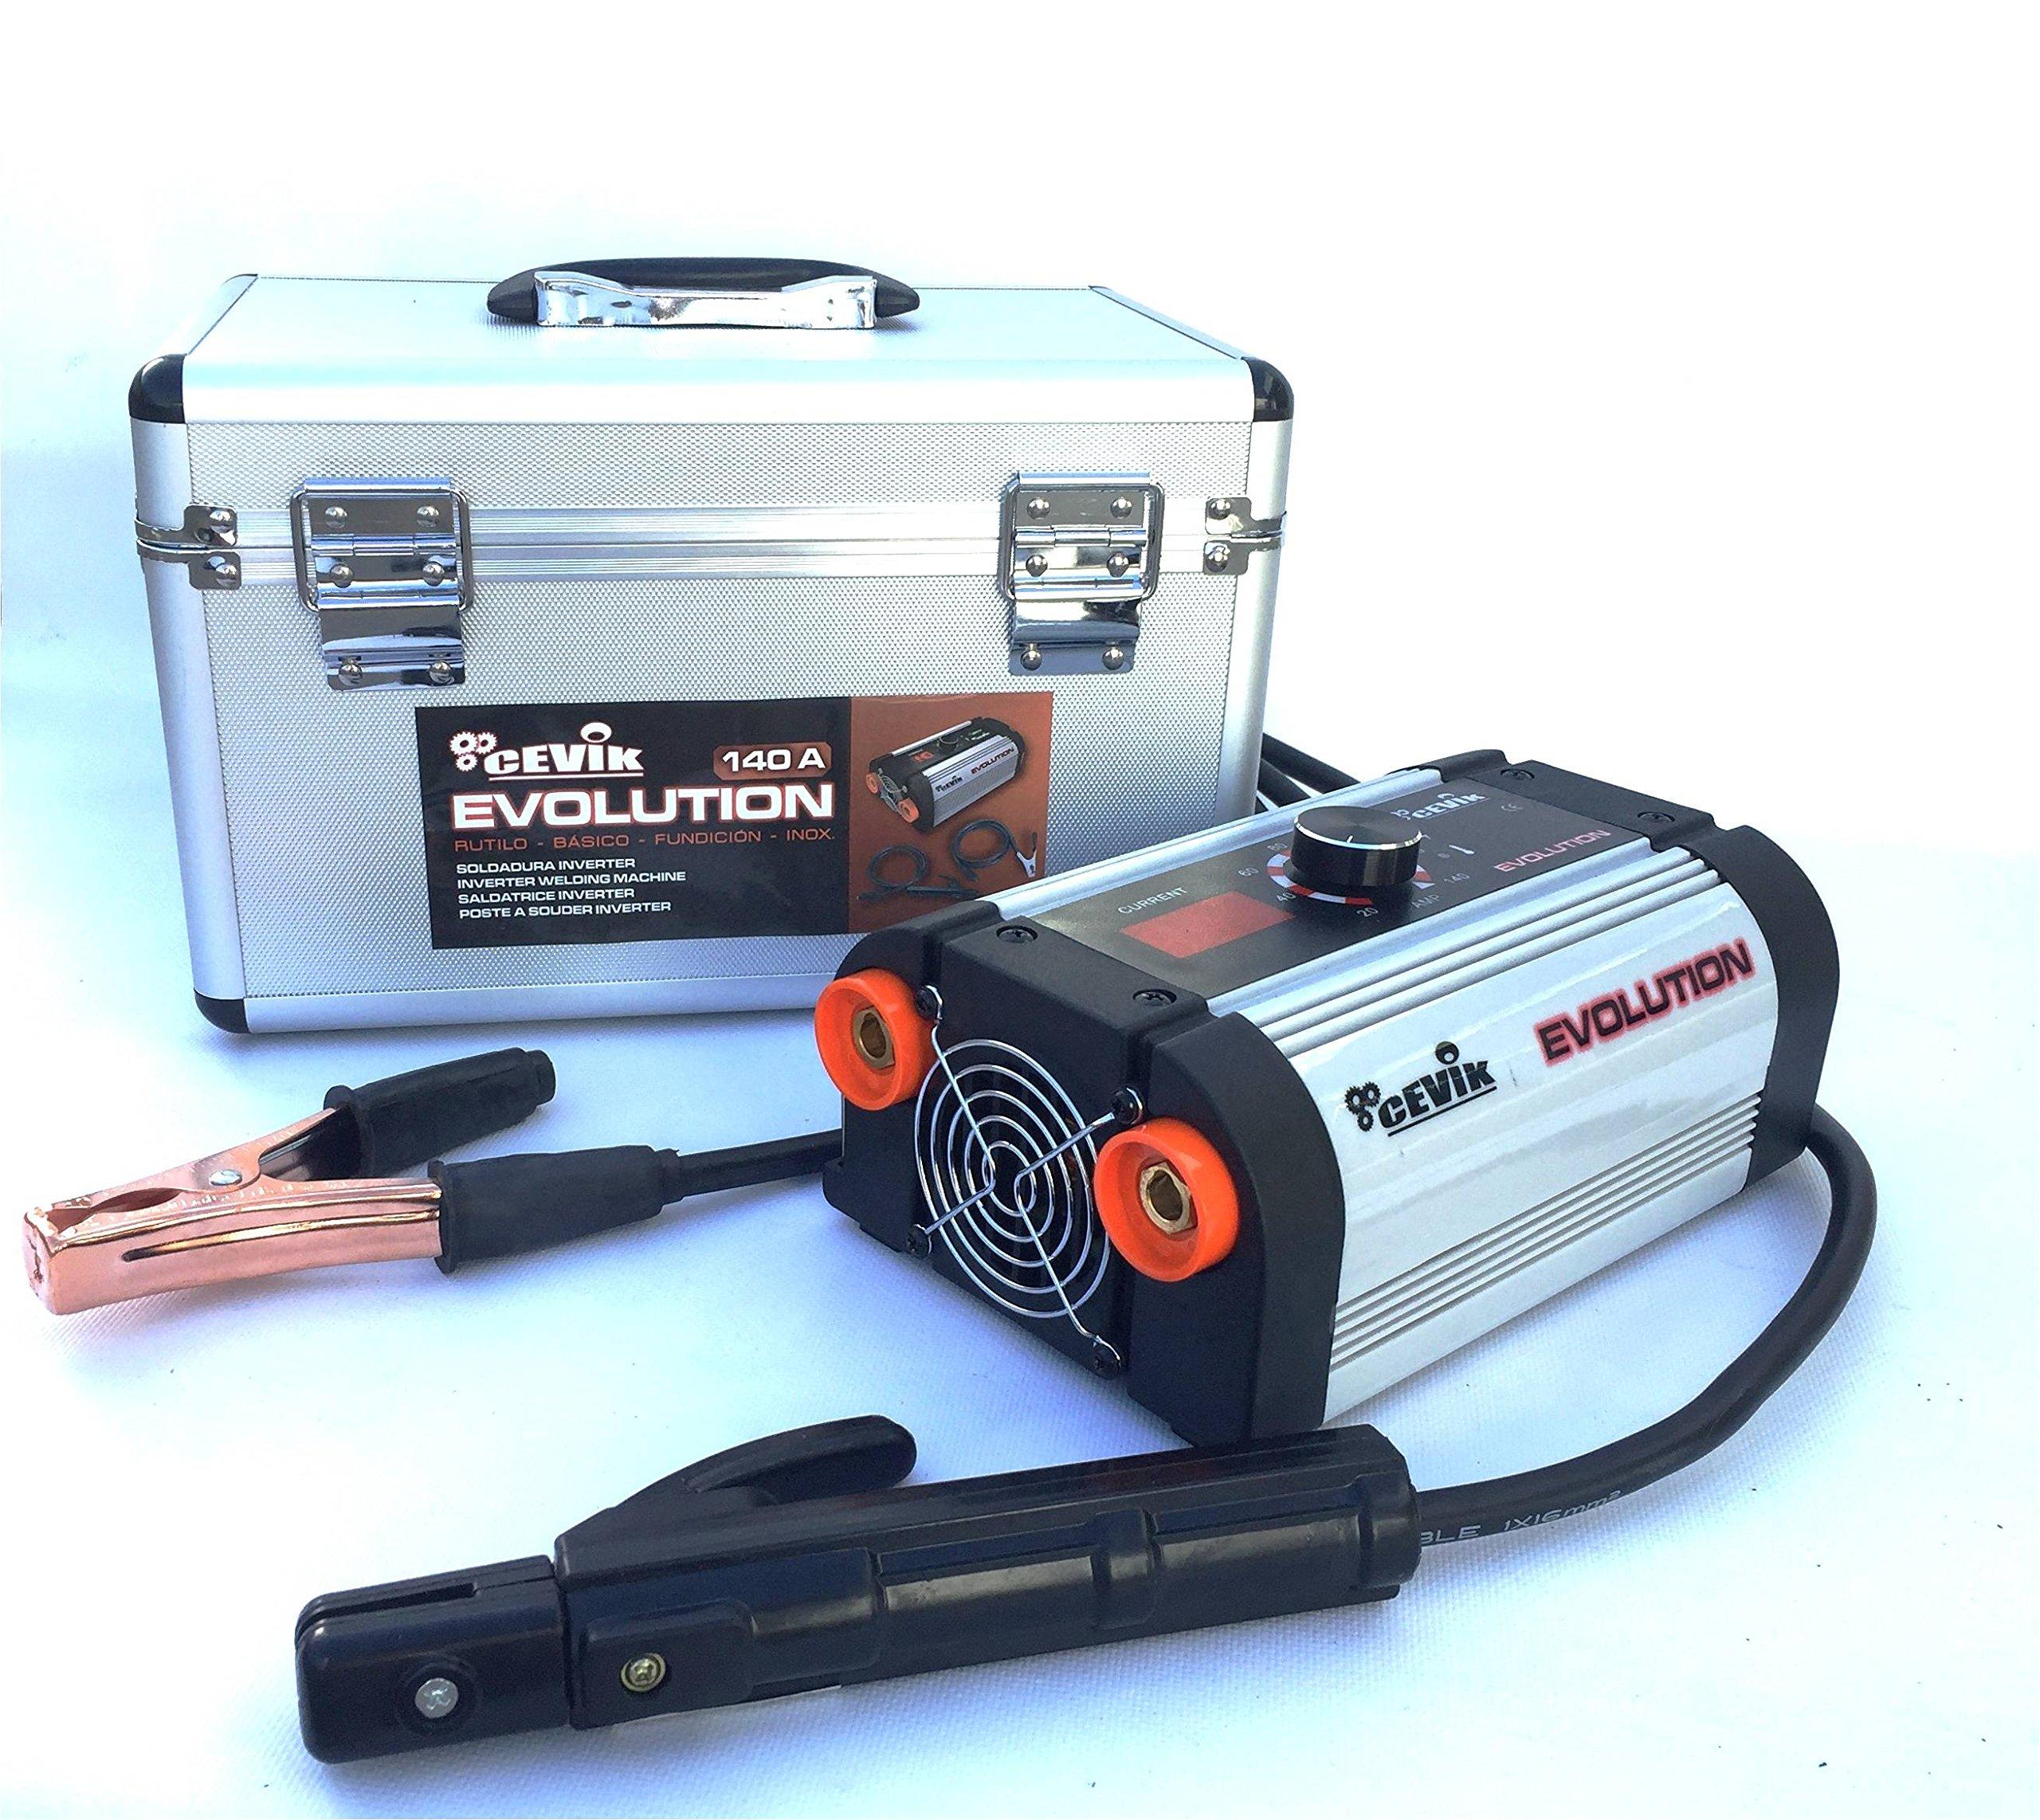 Cevik CE-Evolution18X - Equipo de soldadura inverter, 140 A, 230 V product